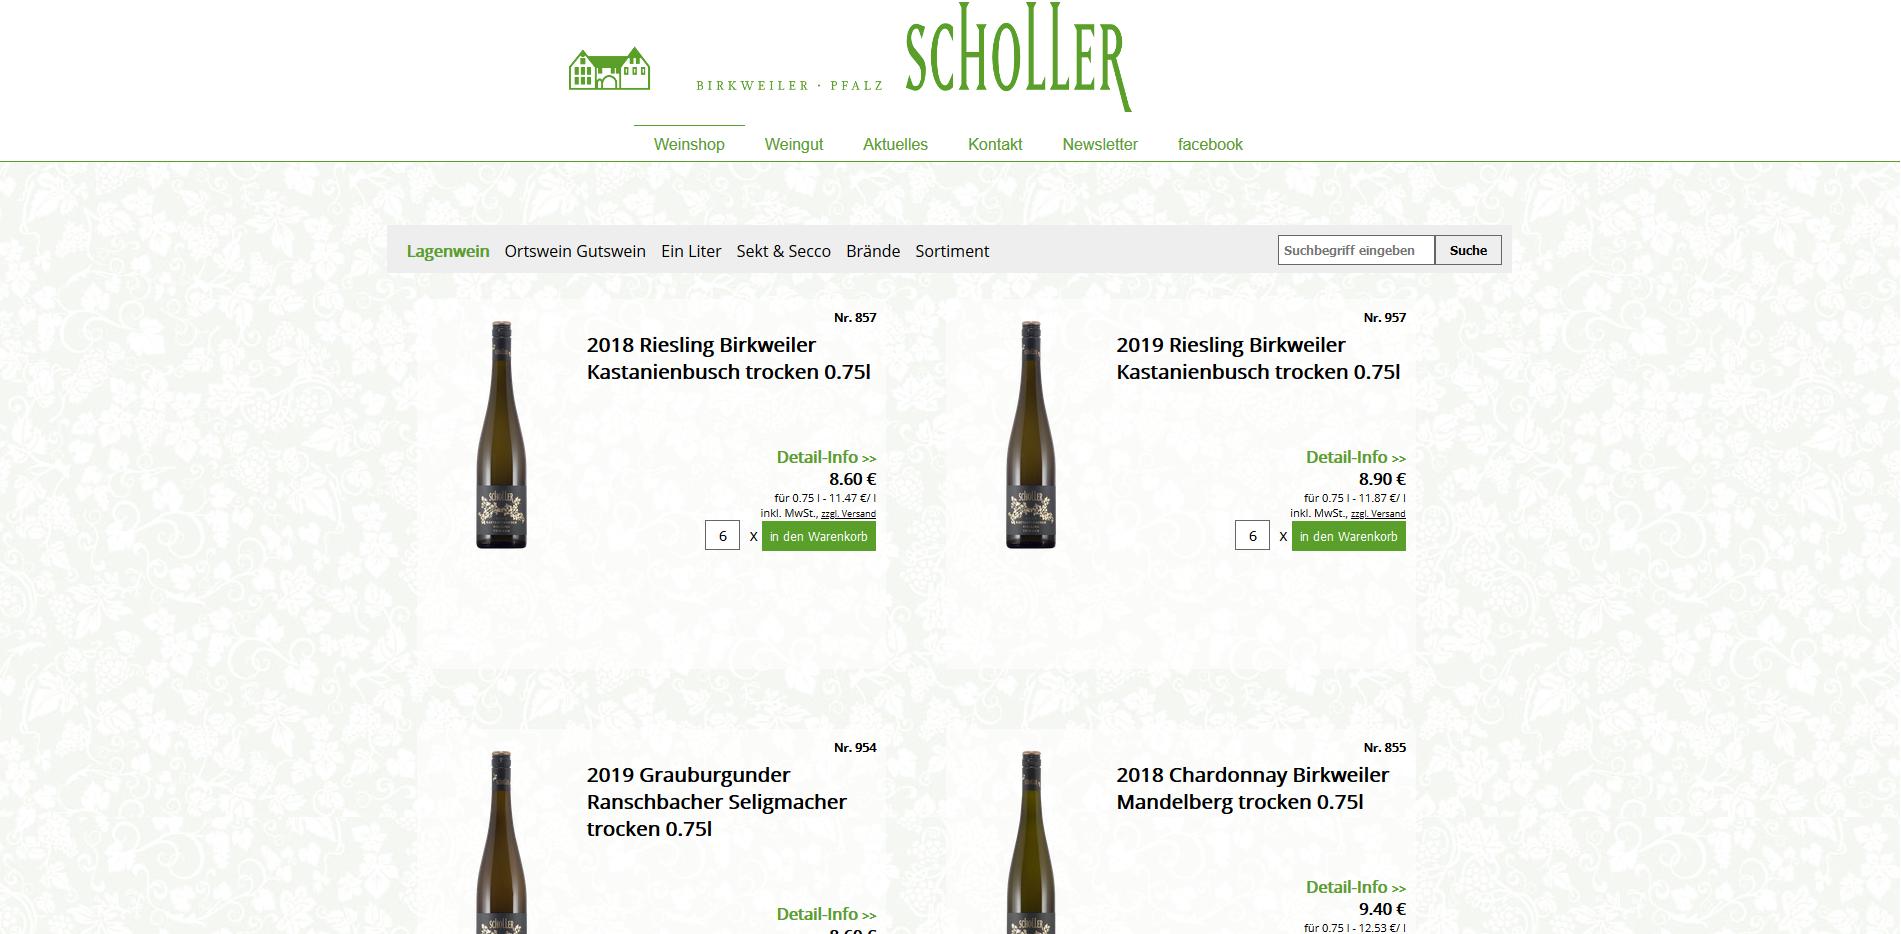 Screenshot Scholler Shop